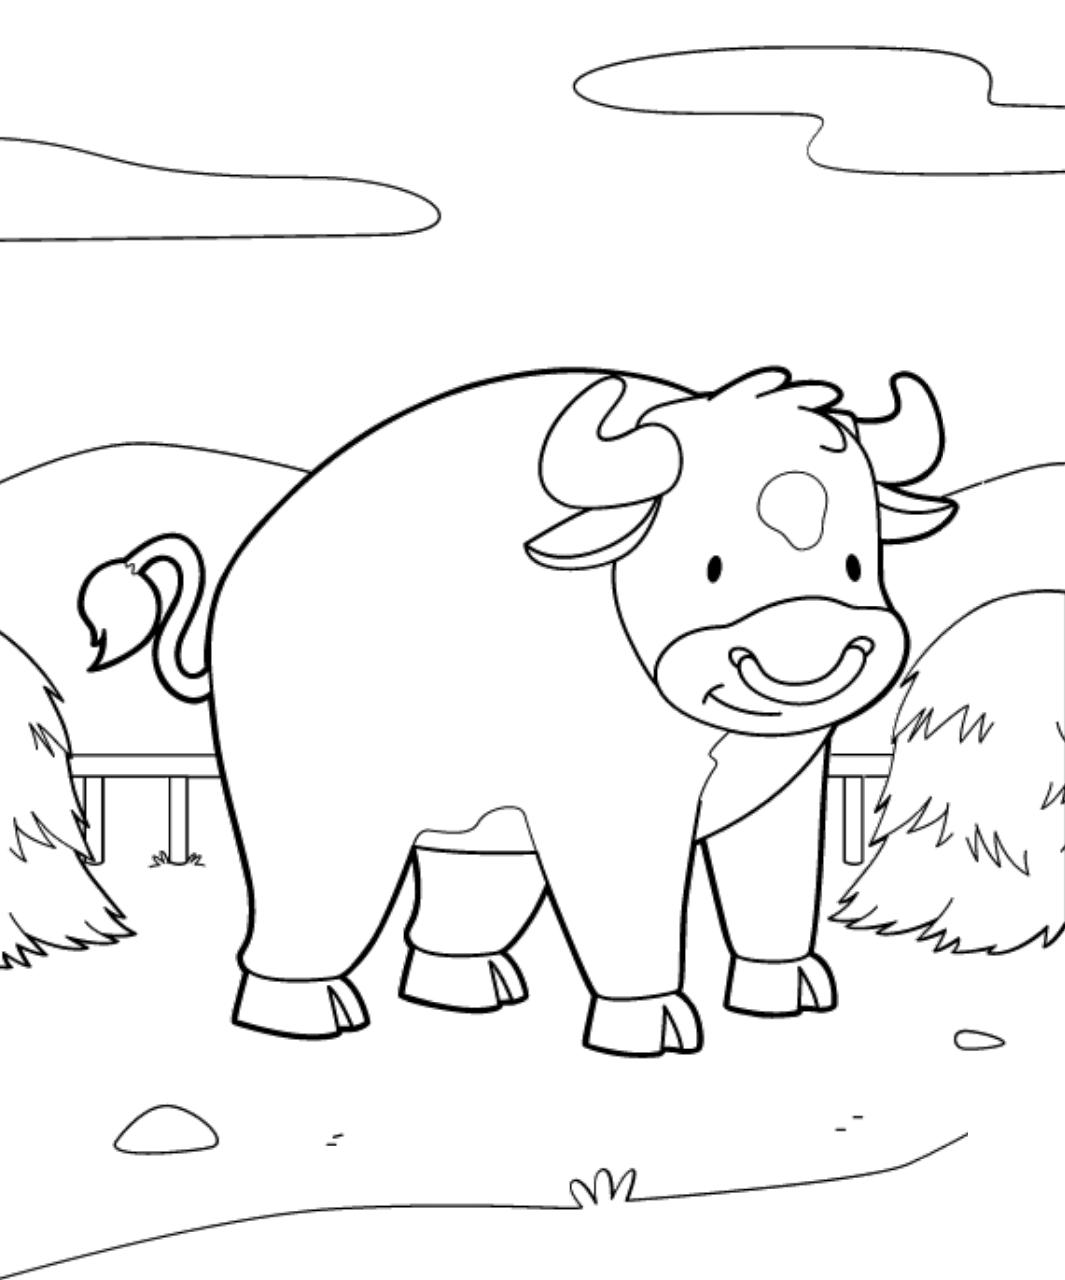 Dibujos De Toro Sonriendo Para Colorear Pintar E Imprimir